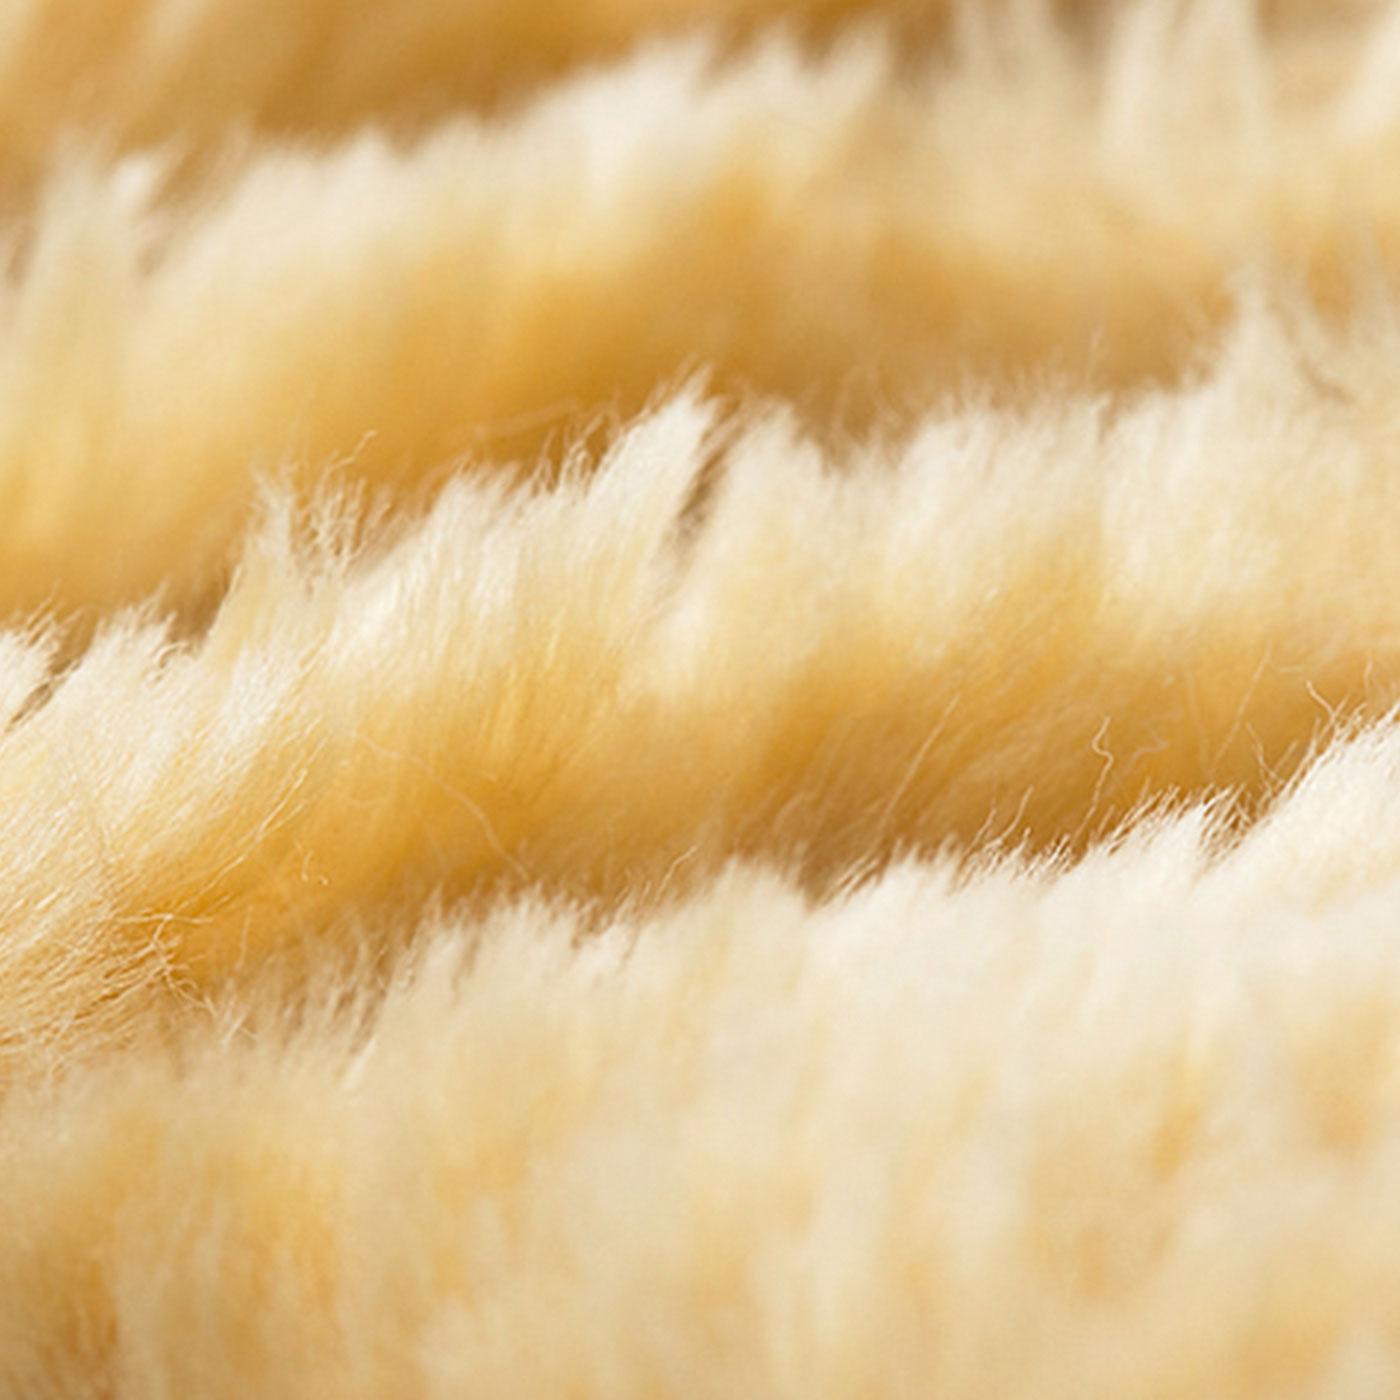 毛足の長い上質なふかふか素材。